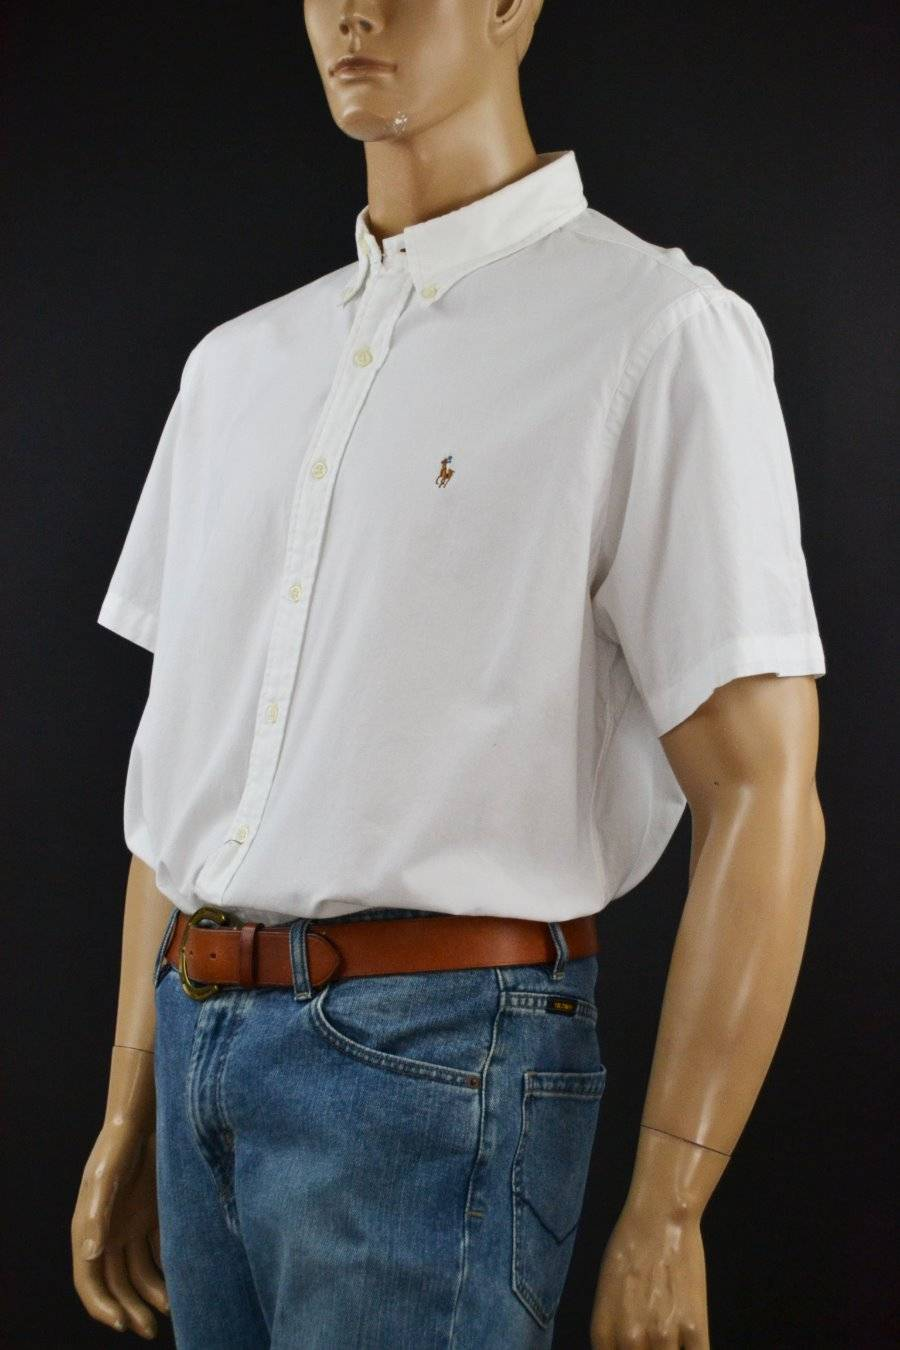 Ralph Lauren White Custom Short Sleeved Dress Shirt Multi Colored Pony NWT